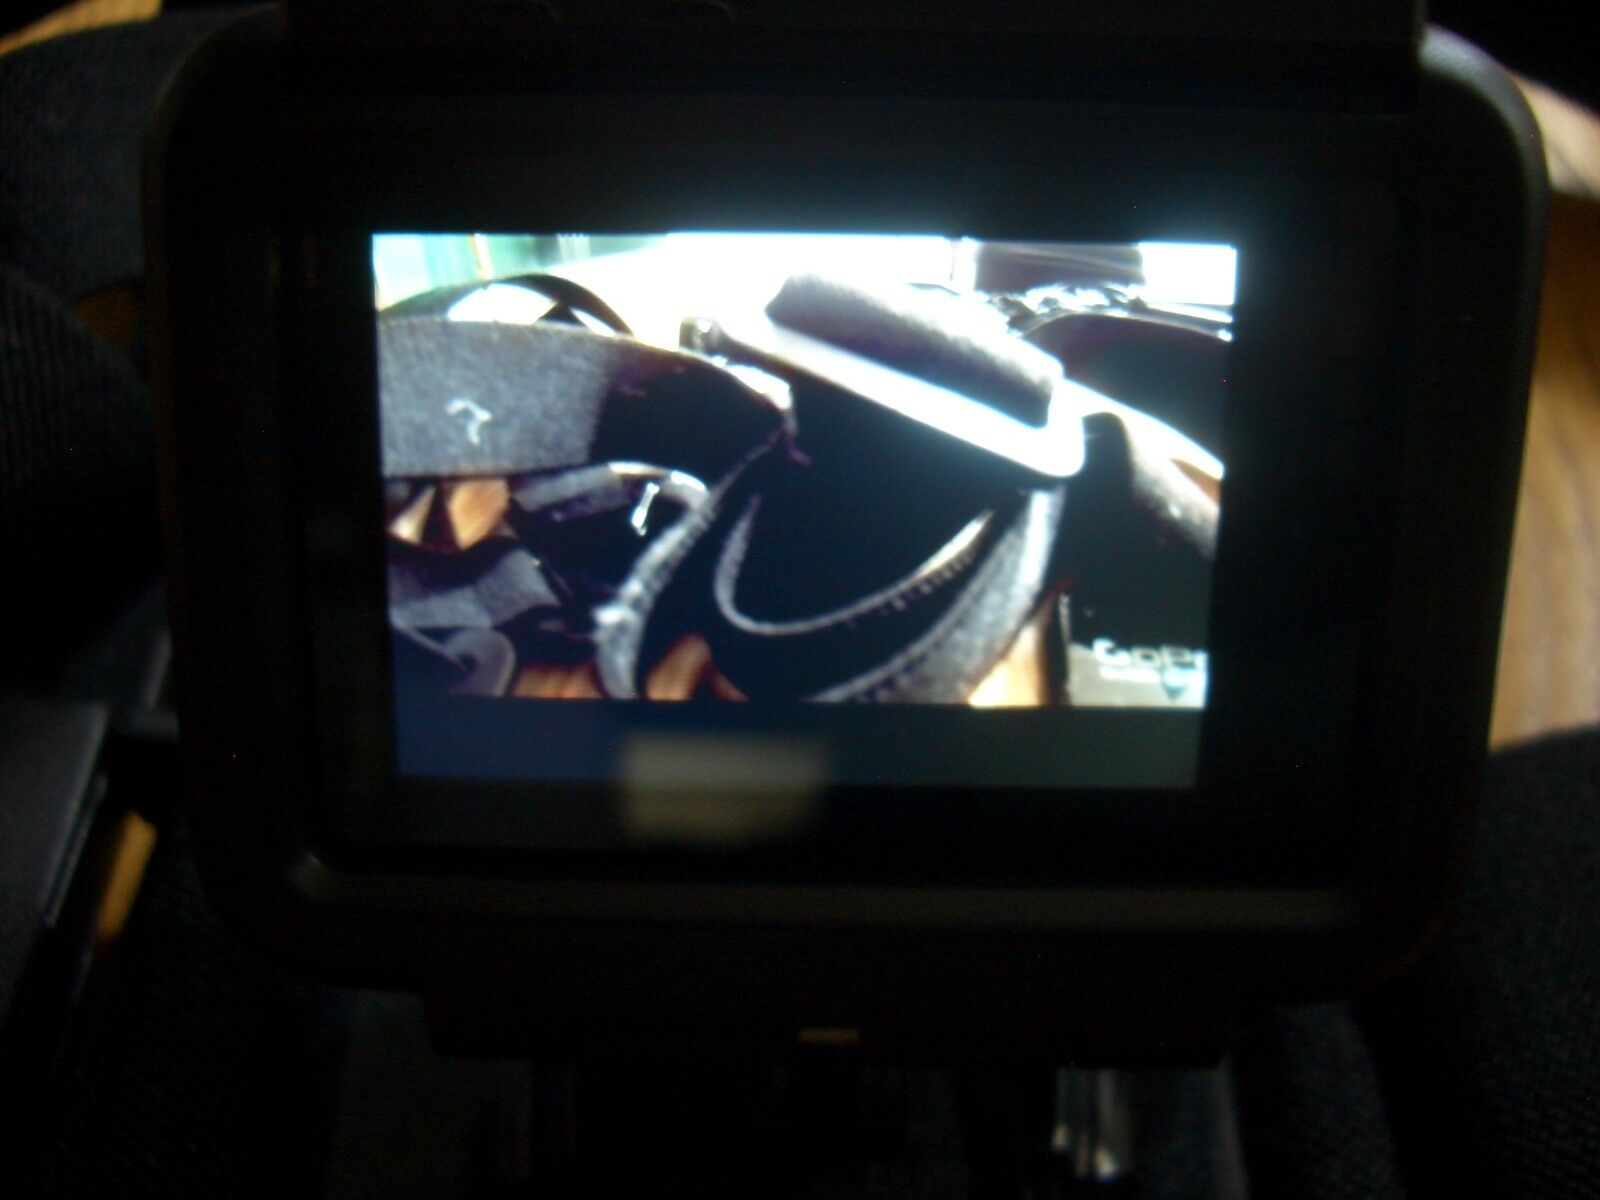 s l1600 - GoPro Hero 5 Black Camera Lot - Camera, MicroSD, Case and Accessories